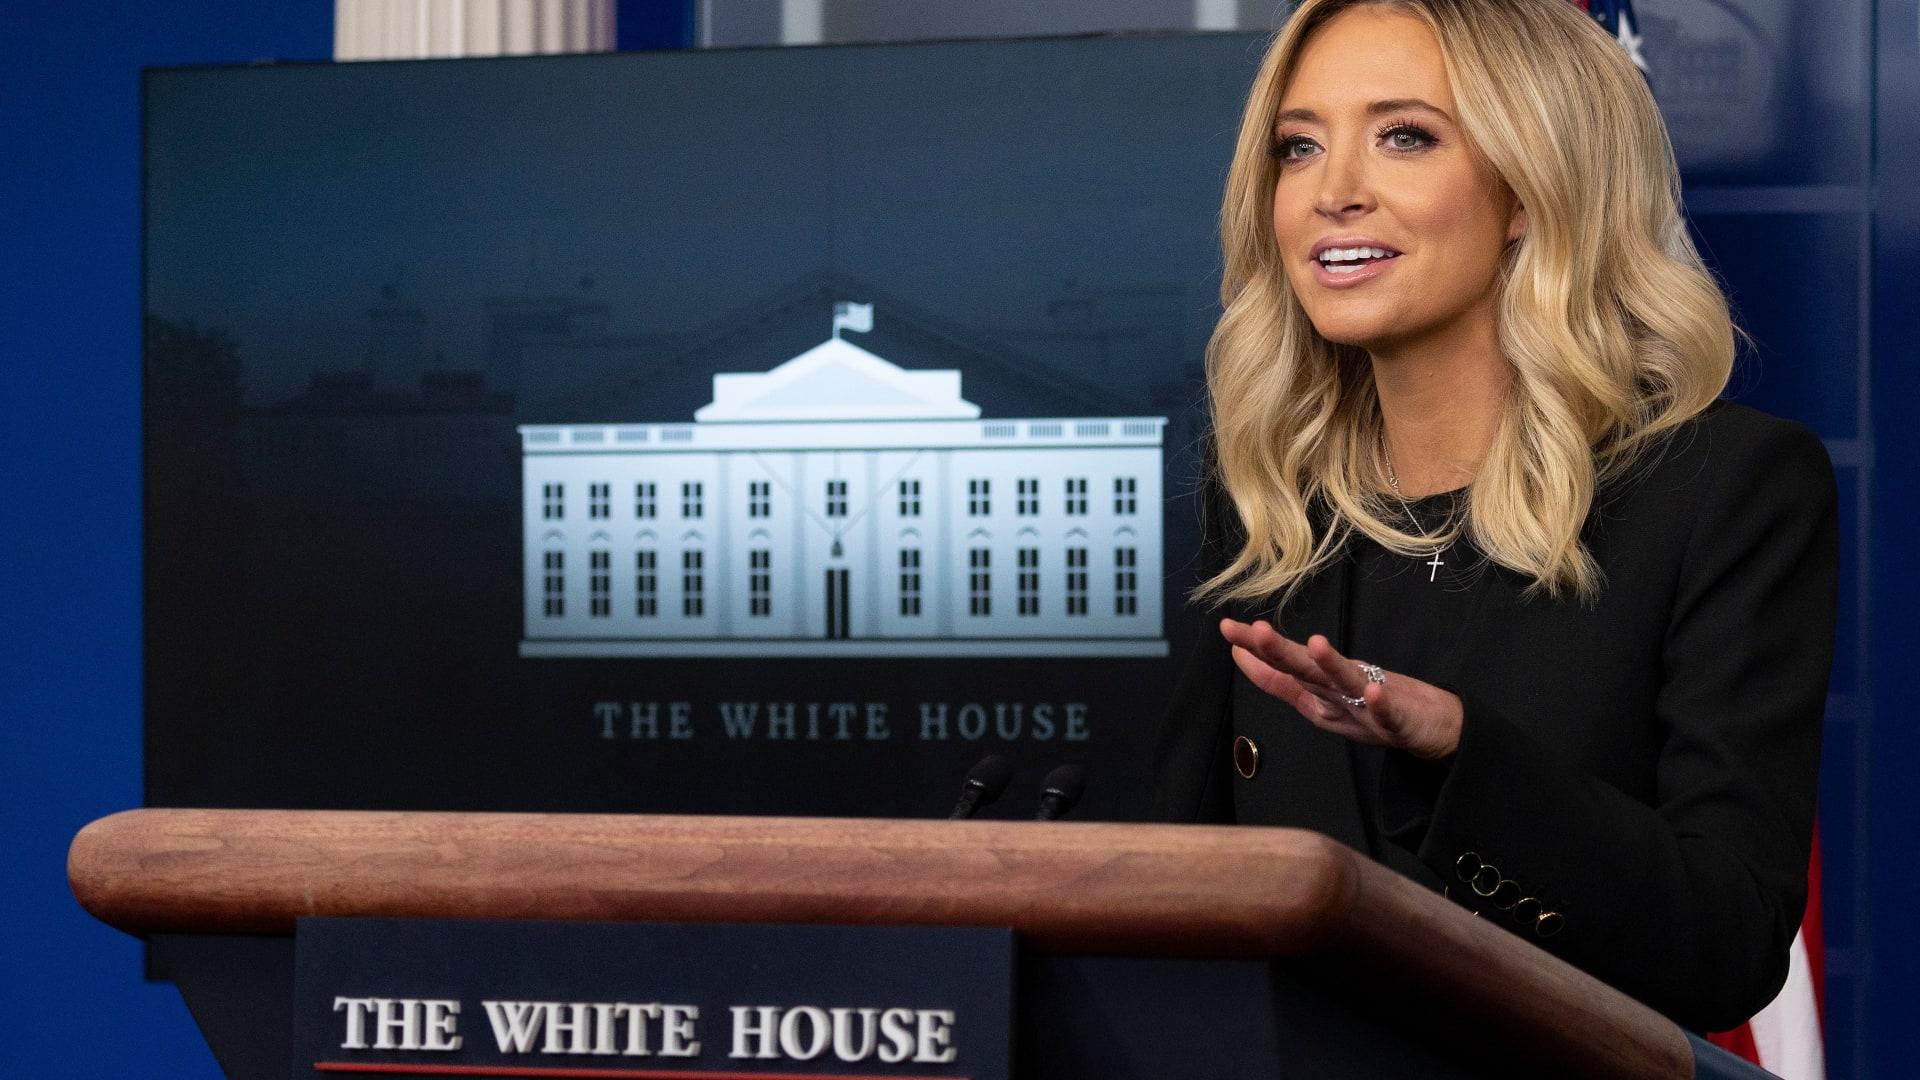 بعد 417 يومًا.. متحدثة البيت الأبيض الجديدة تعقد أول إحاطة للصحفيين: لن أكذب عليكم أبدًا